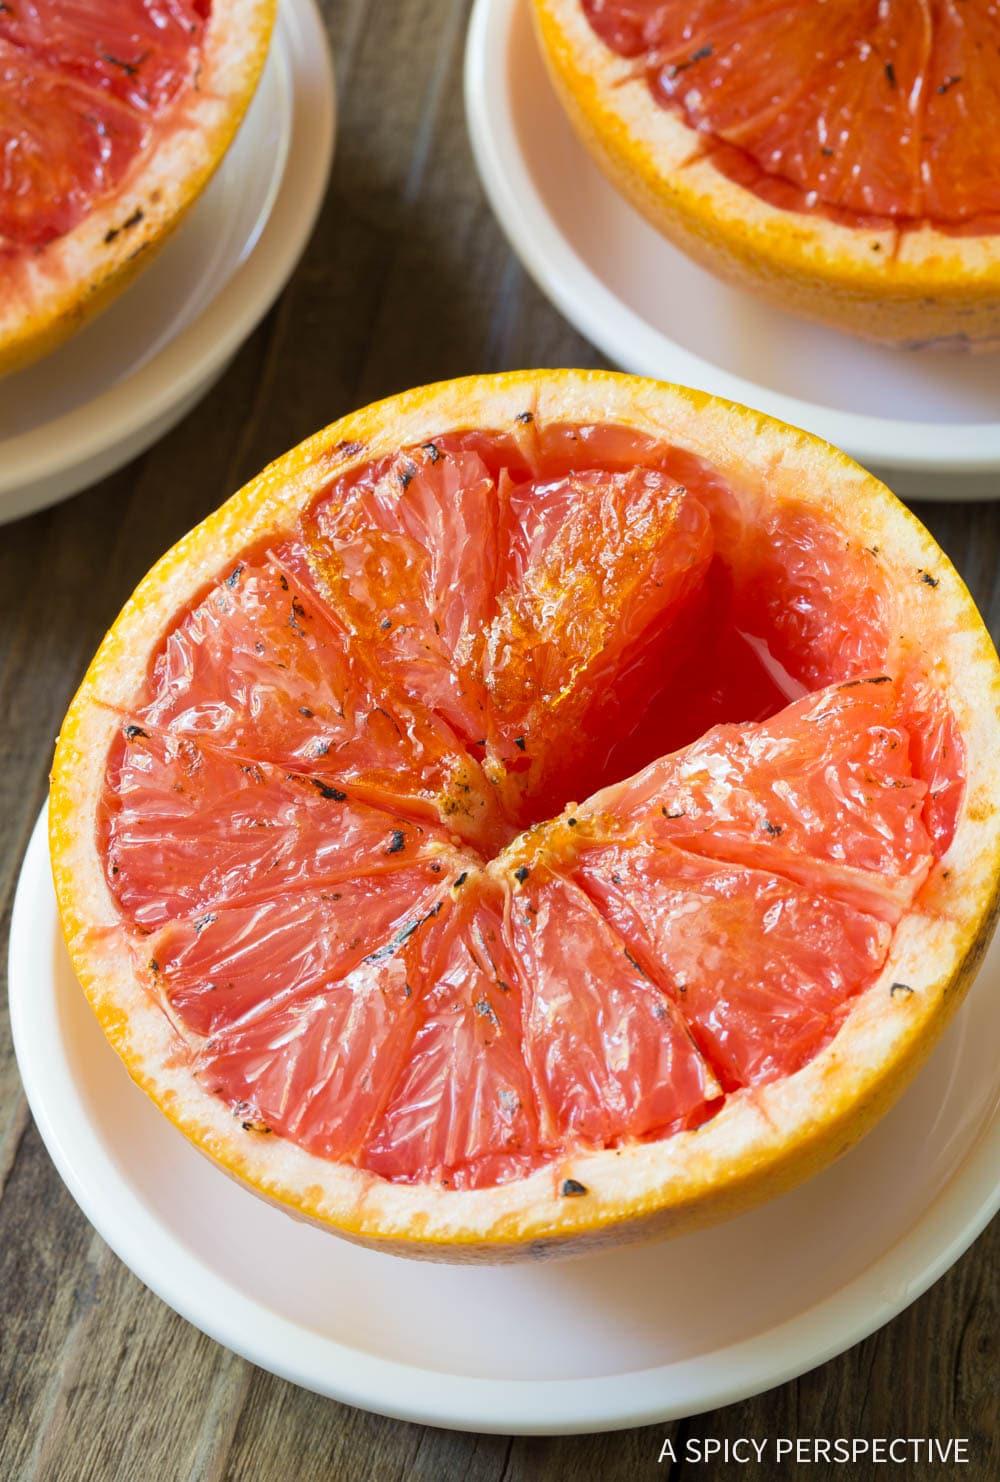 2-Ingredient Bruleed Grapefruit (Pamplemousse Brûlé) Recipe #ASpicyPerspective #vegan #vegetarian #healthy